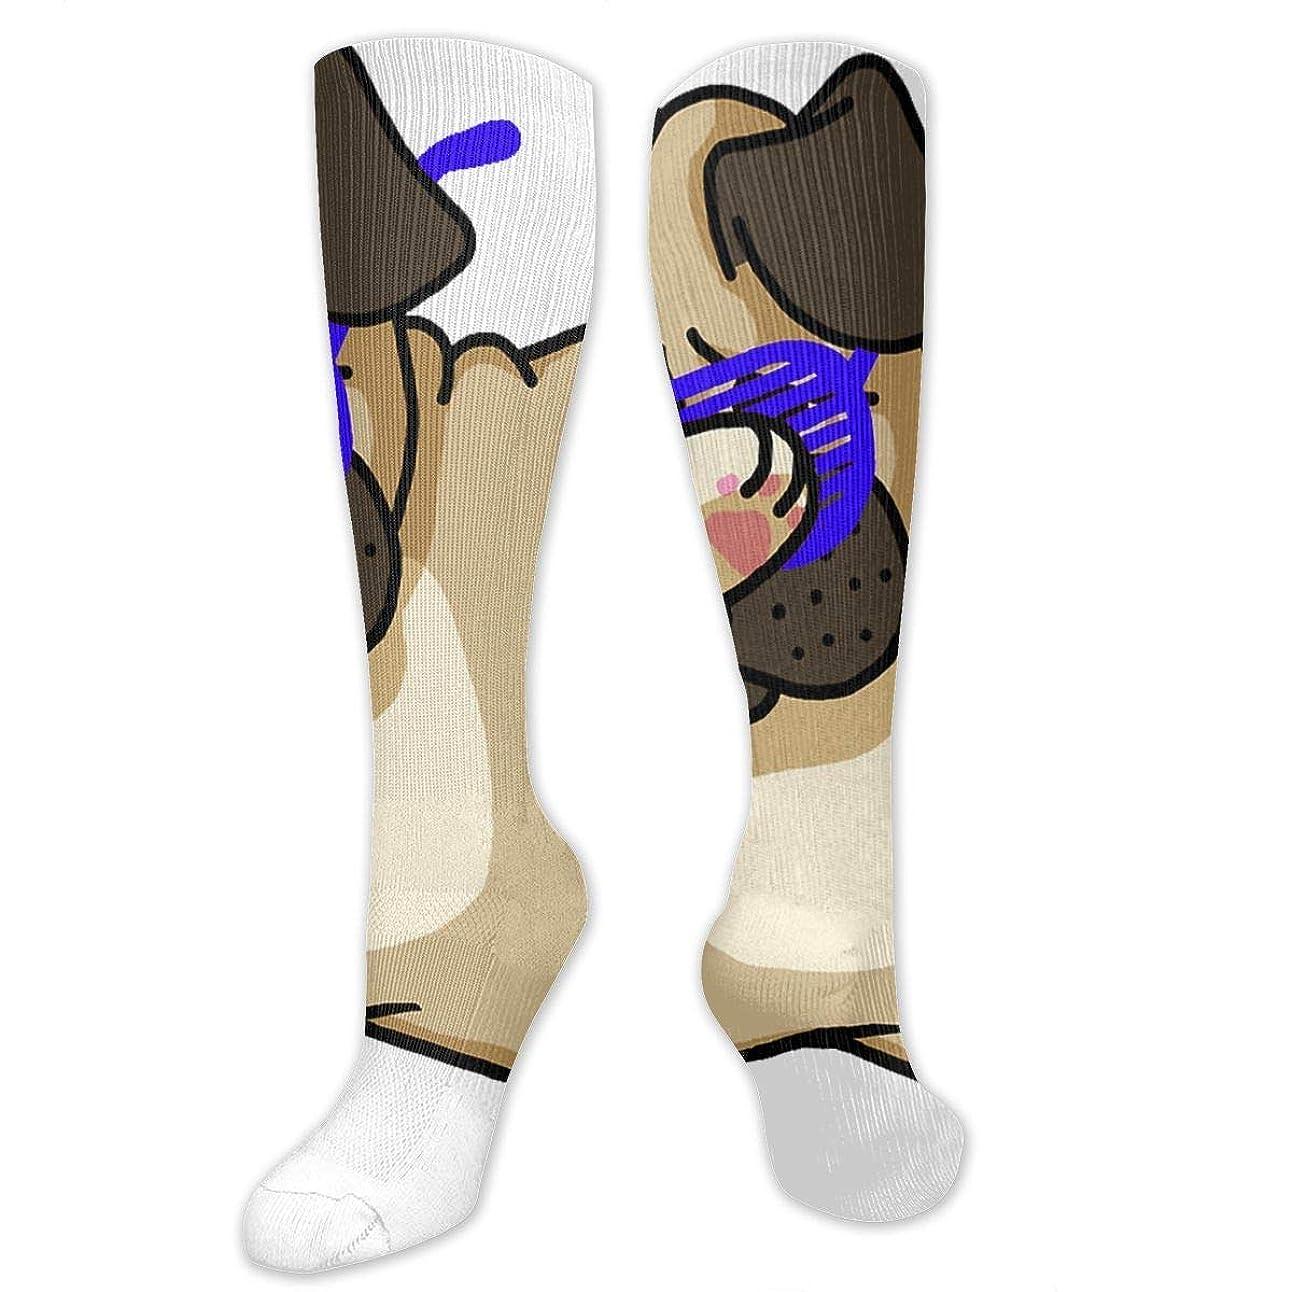 隙間持つセンサーQRRIYノベルティデザインクルーソックス、ダビングパグファニーヒップパグ、クリスマス休暇クレイジー楽しいカラフルな派手な靴下、冬暖かいストレッチクルーソックス